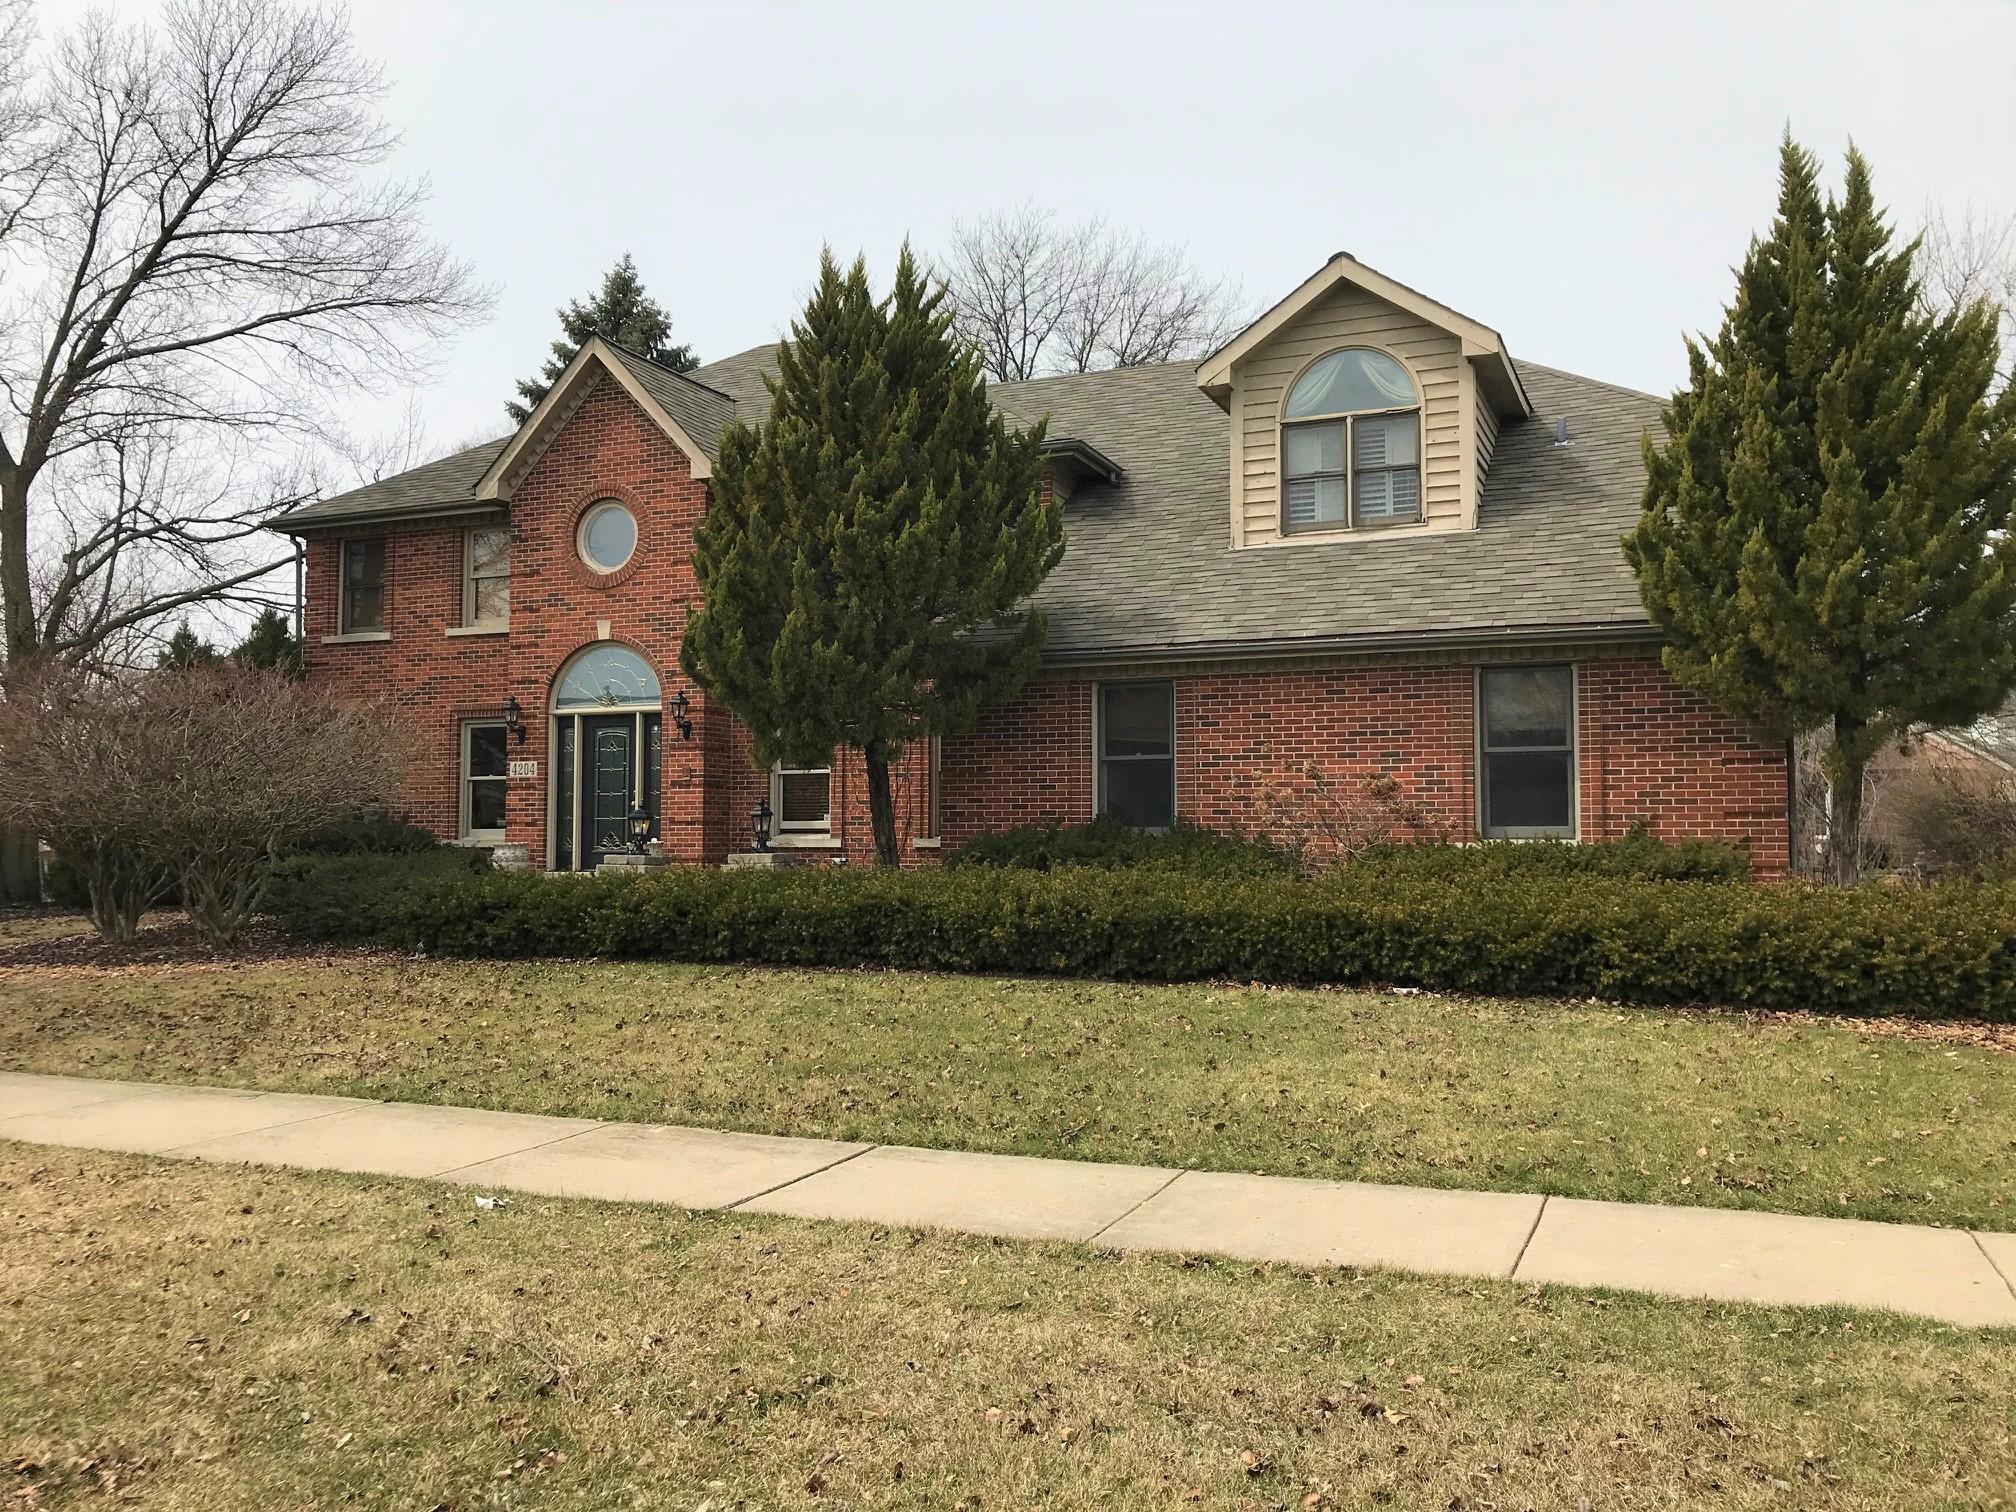 Photo of 4204 White Eagle Drive, Naperville, IL 60564